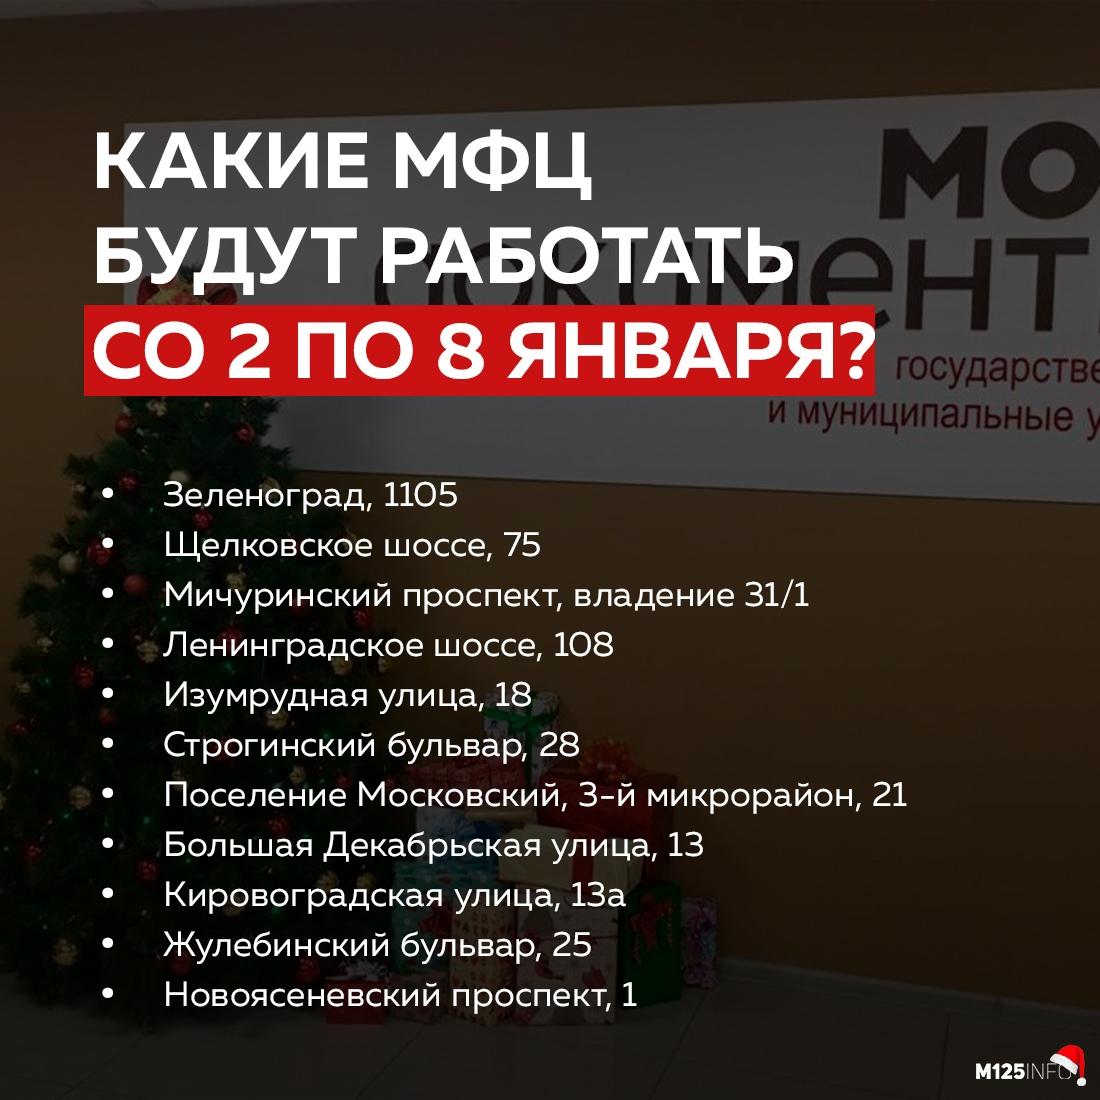 В новогодние праздники в Москве будут работать только 11 дежурных МФЦ.